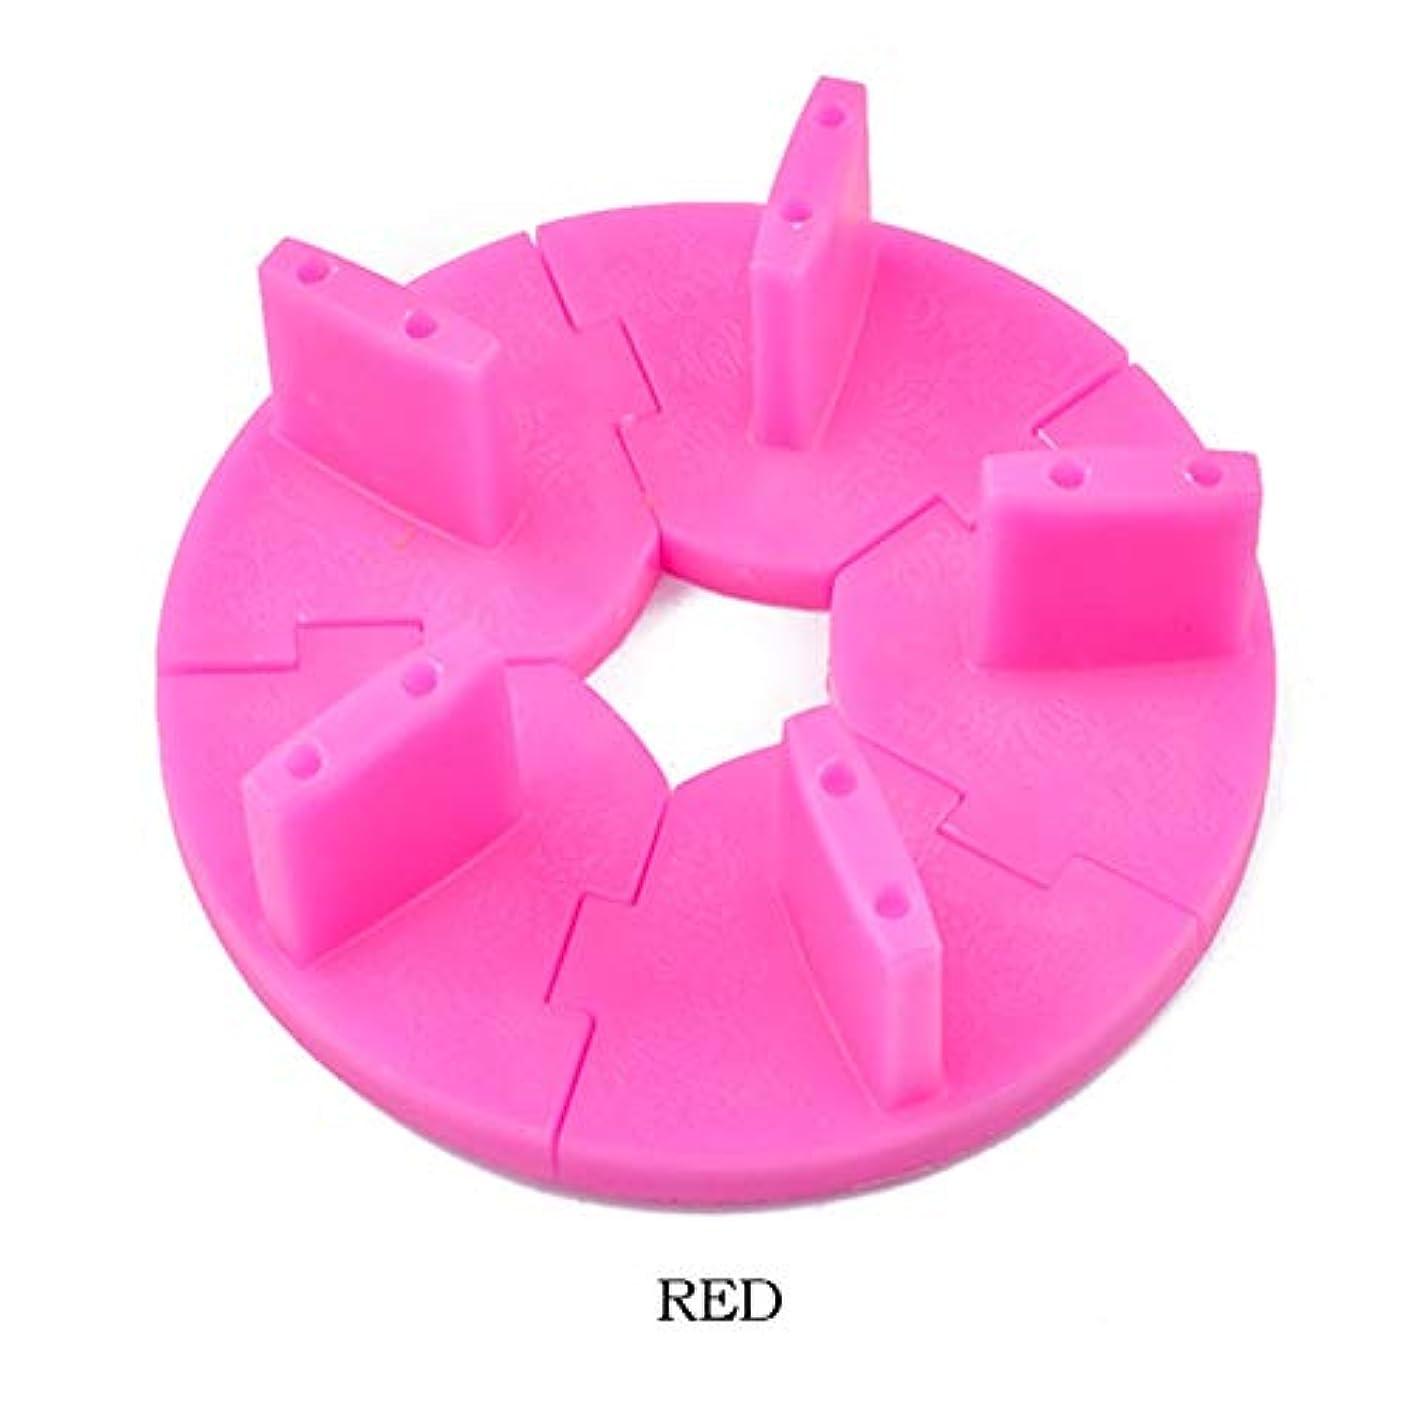 起こるシマウマ歯科のICYCHEERプラスチックネイルアートの表示シート取り外し可能ロータストレーニングフレームDIYのヒント練習 (Red)